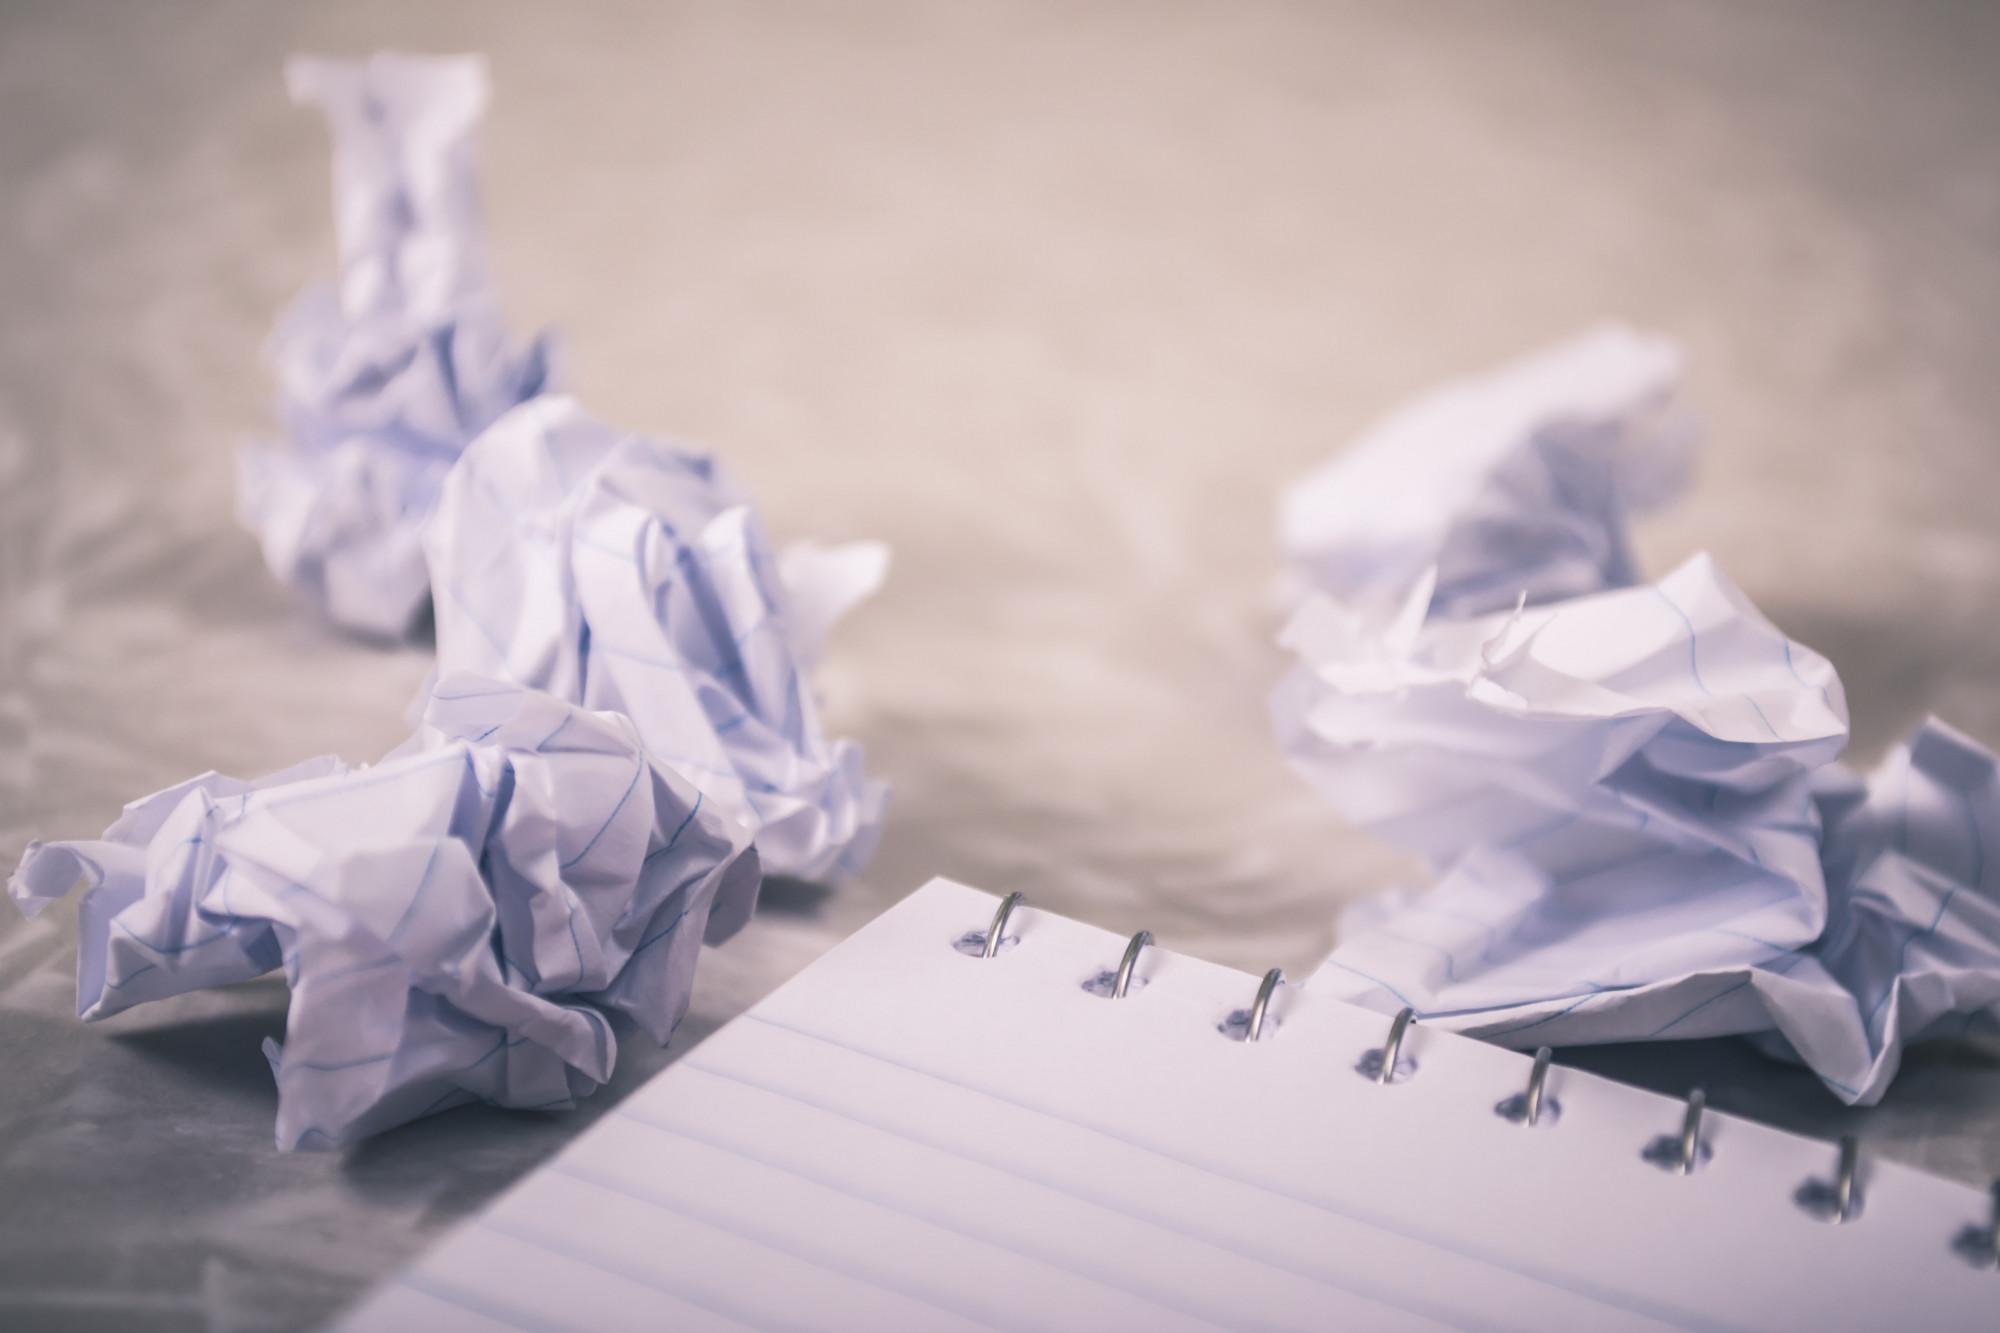 Paura del foglio bianco blocco dello scrittore